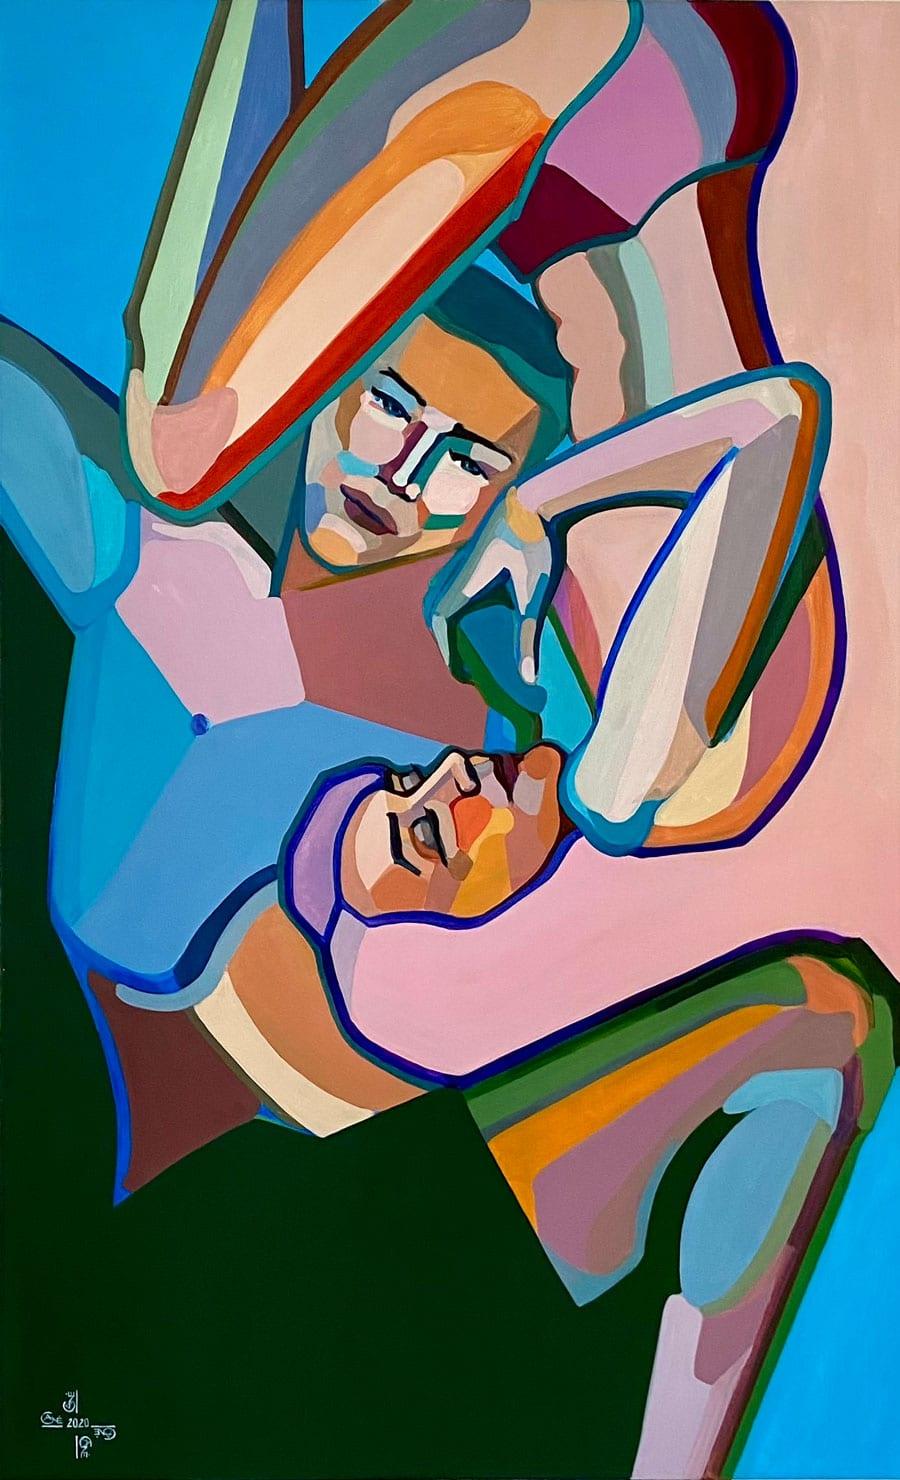 Modern acrylic painting 'Relationships'. Artist Agne Kisonaite